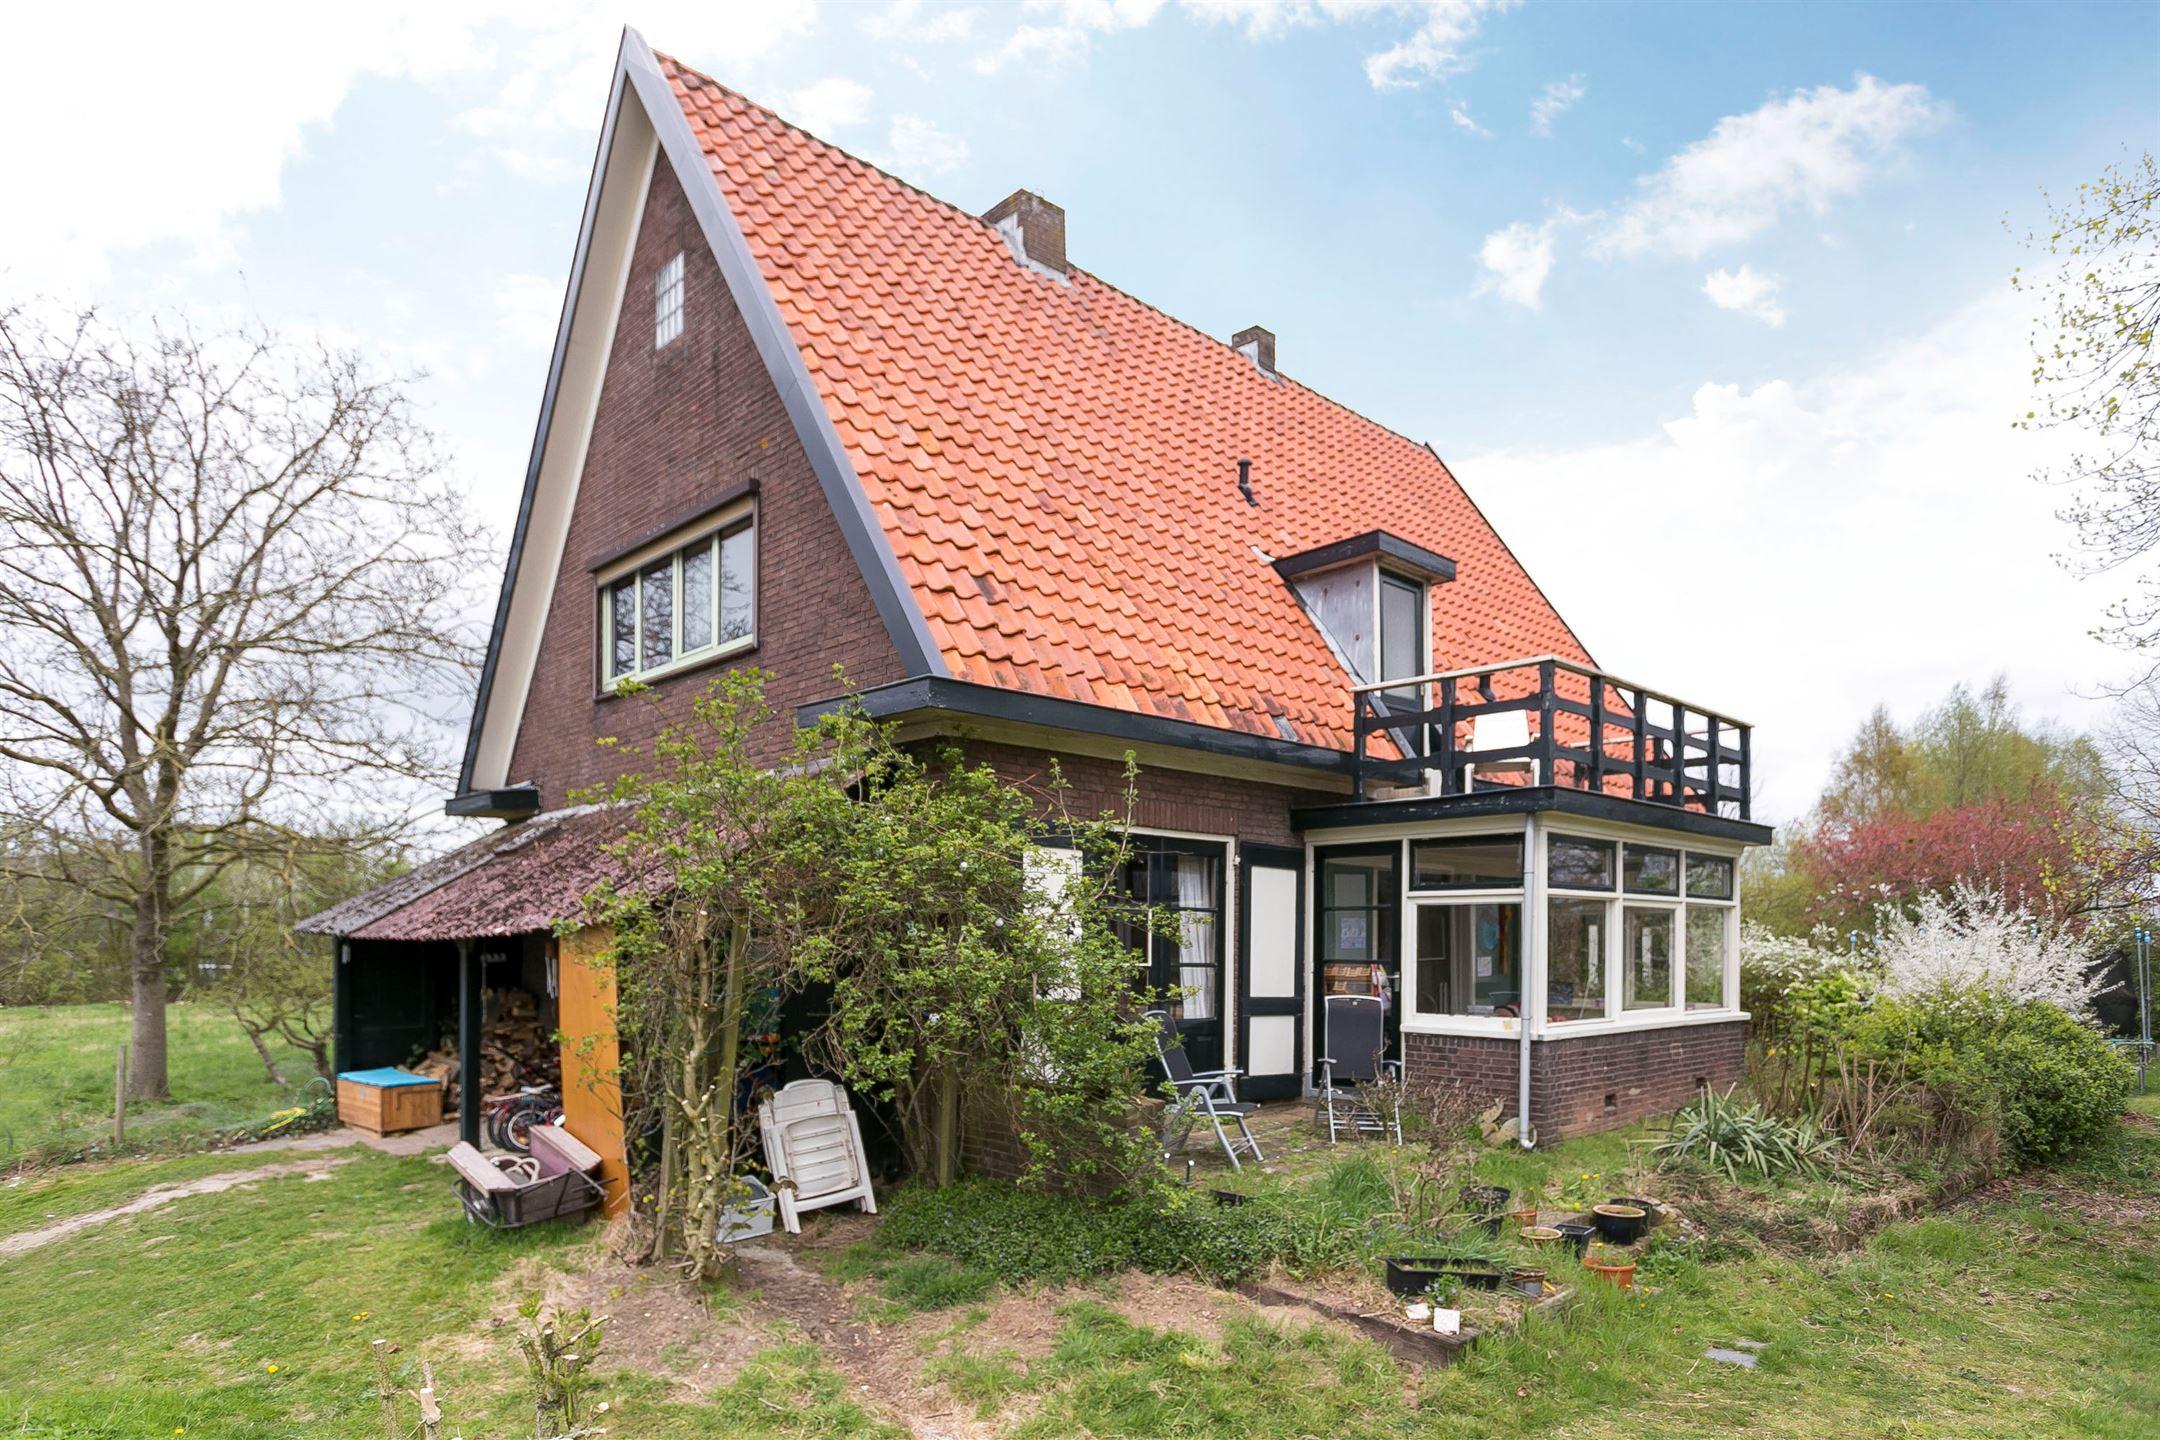 Huis te koop vierakkersestraatweg 2 7207 dh zutphen funda for Funda zutphen